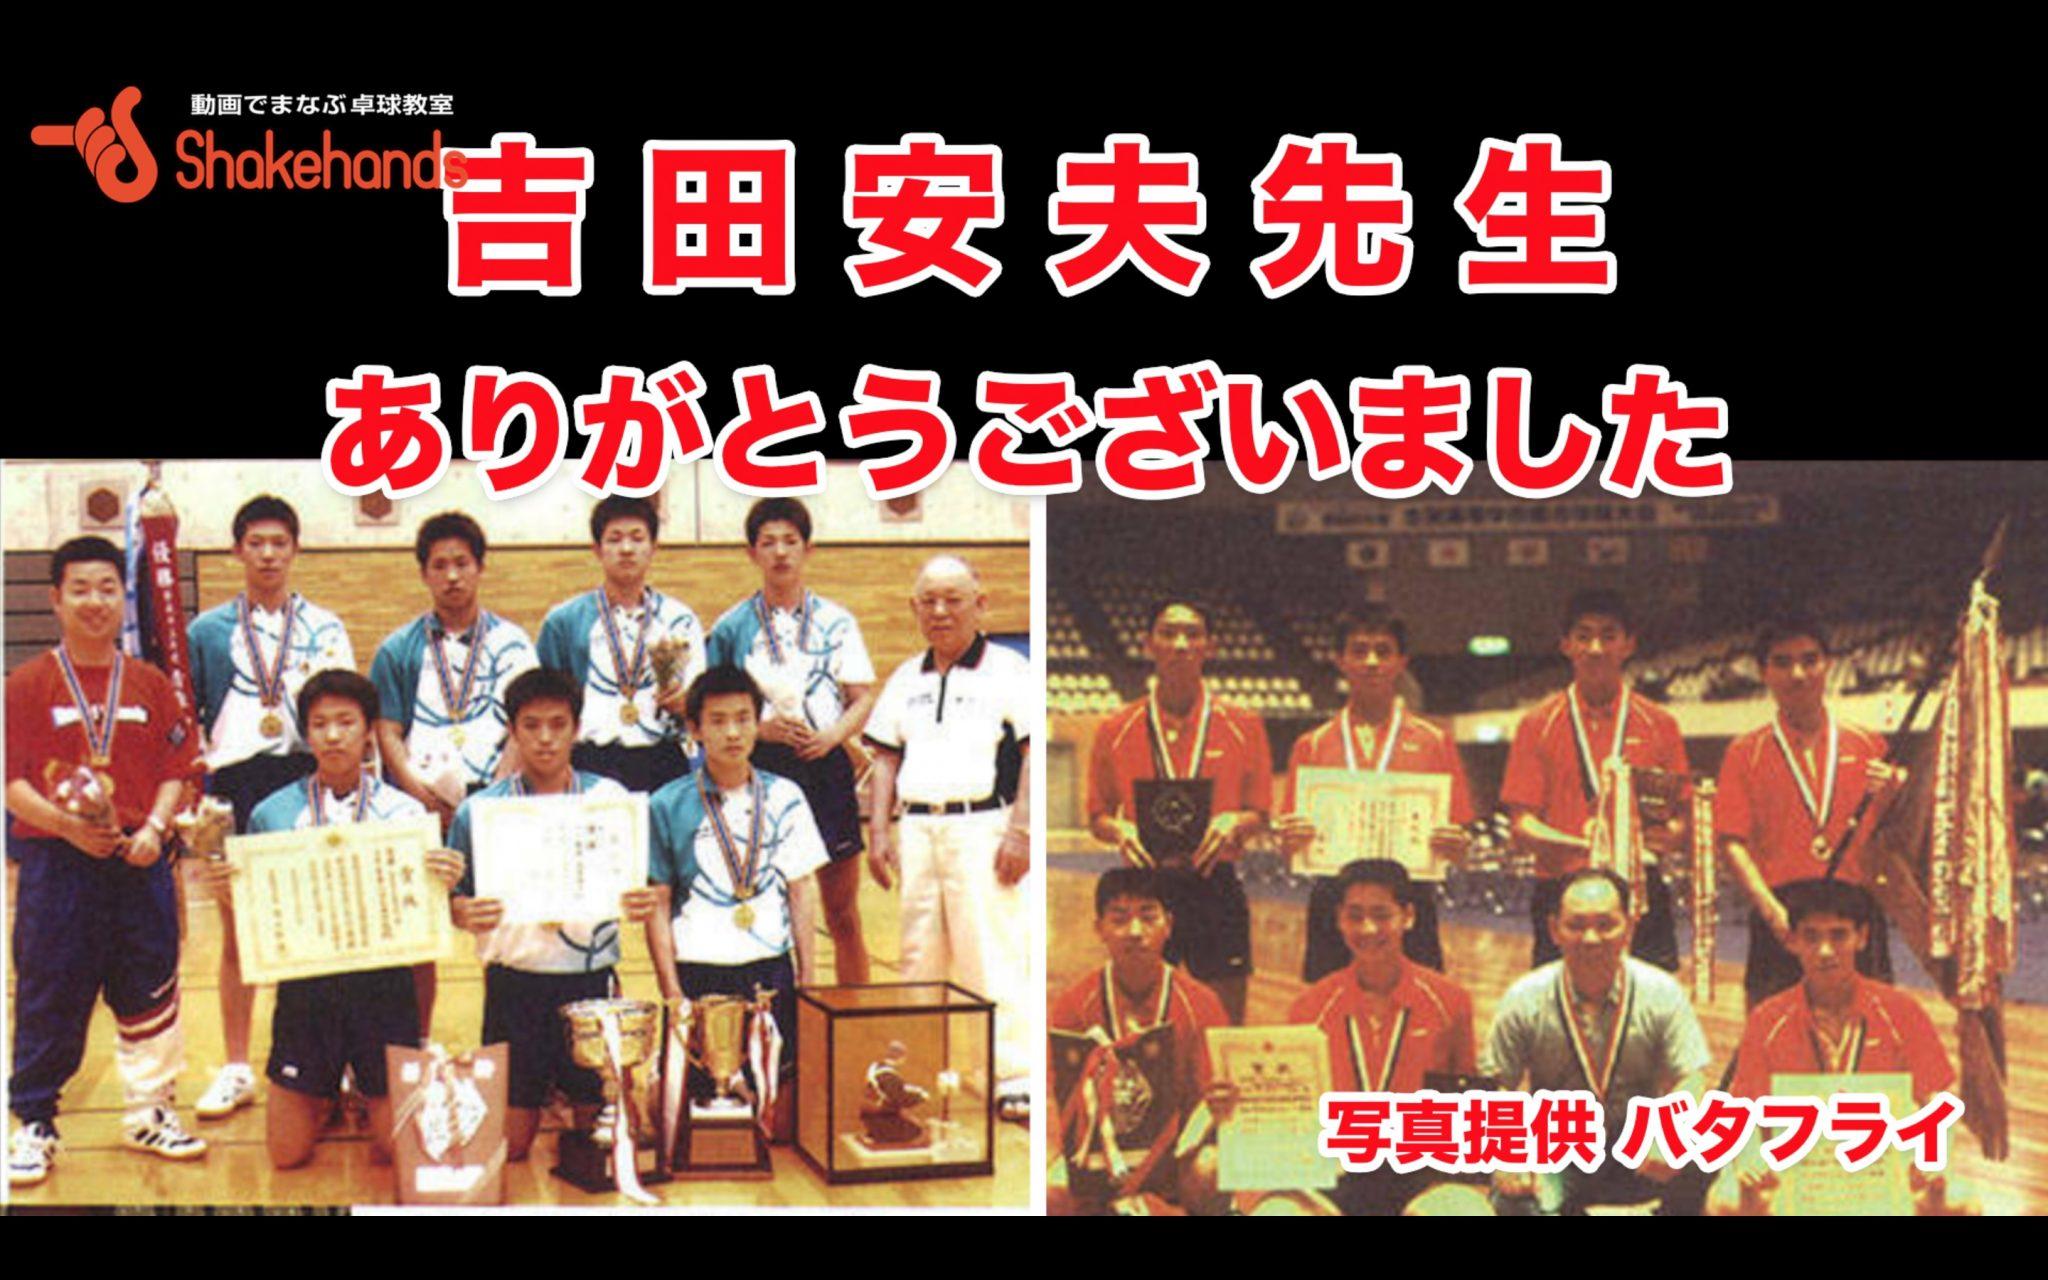 吉田安夫先生『選手育成に人生を捧げた熱き教師』